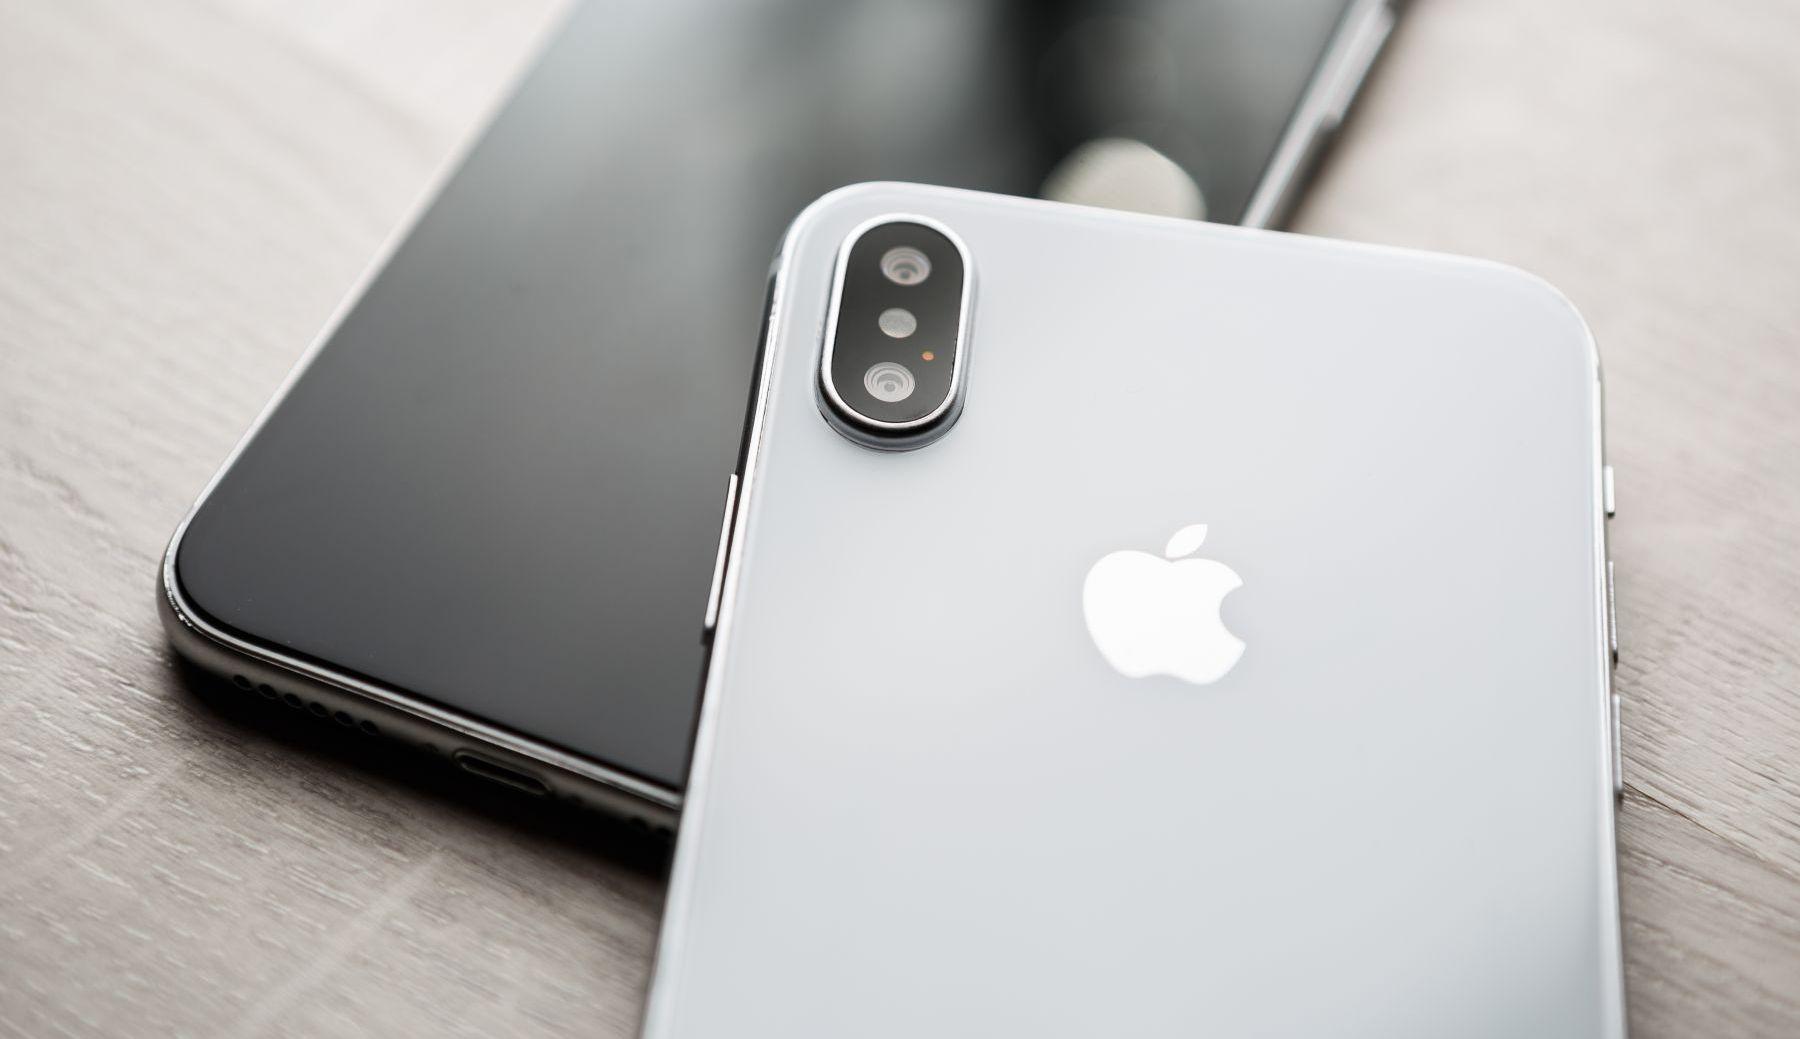 你的iPhone需要換電池嗎?留意這7大徵兆 - 今周刊